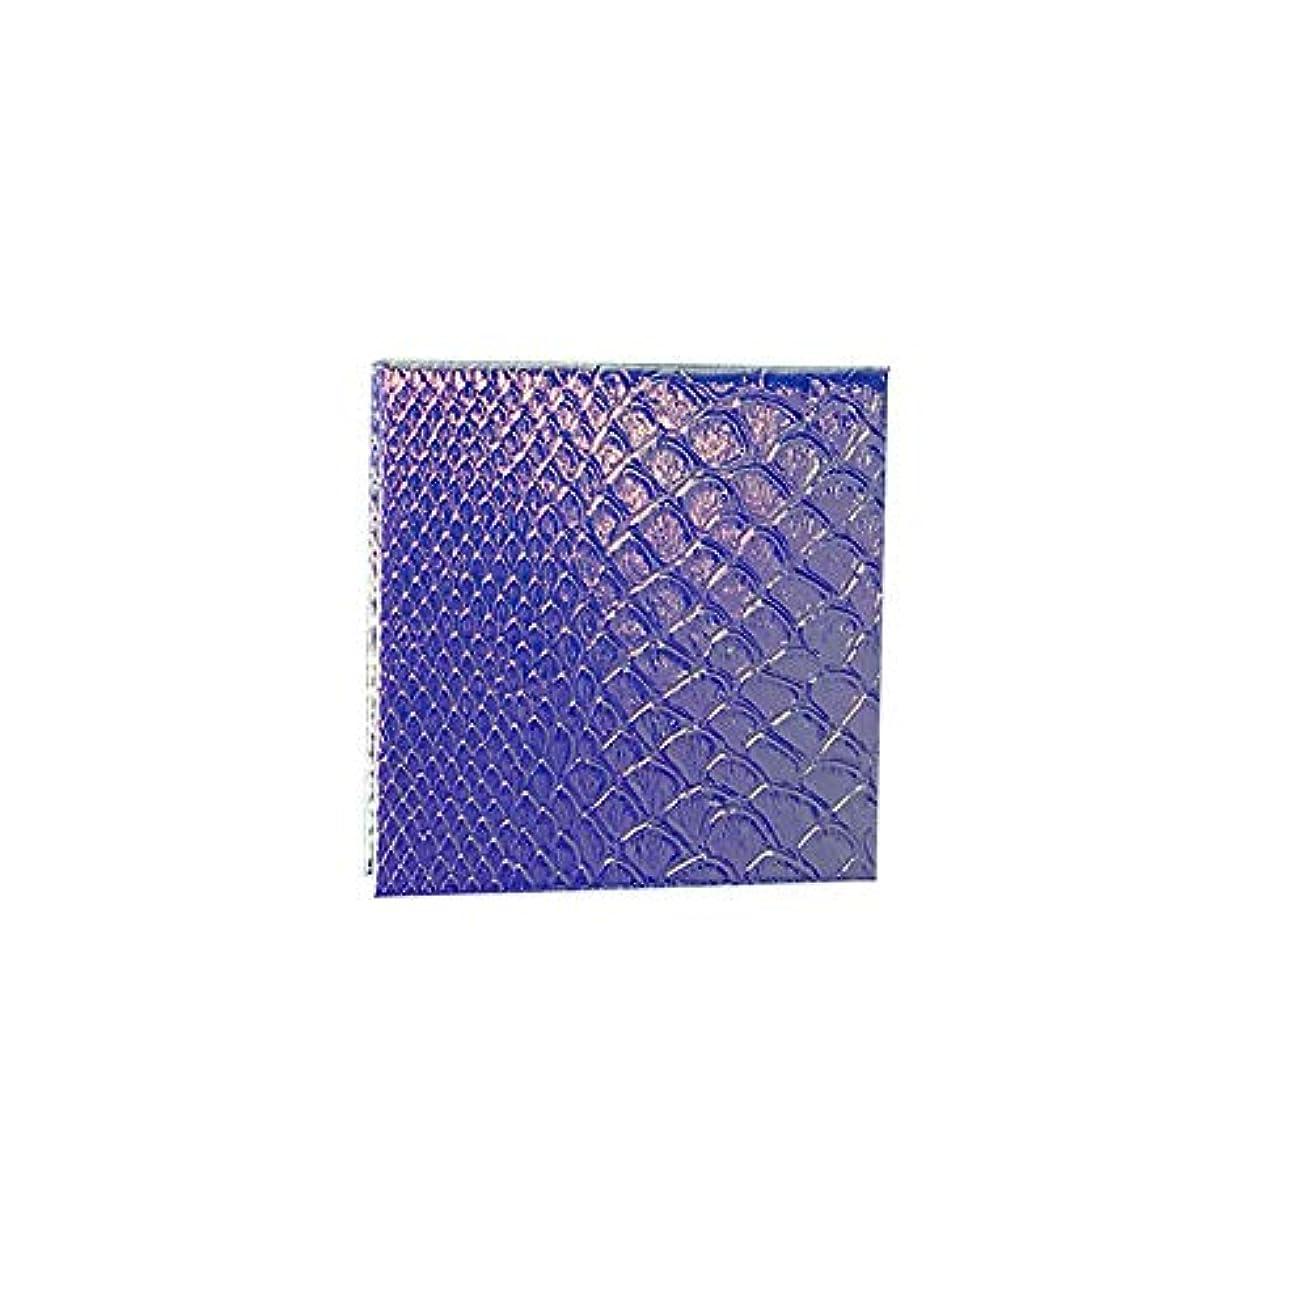 性別故障中セージ空の化粧アイシャドーパレット磁気空パレット接着剤空のパレット金属ステッカー空のパレットキット(S)